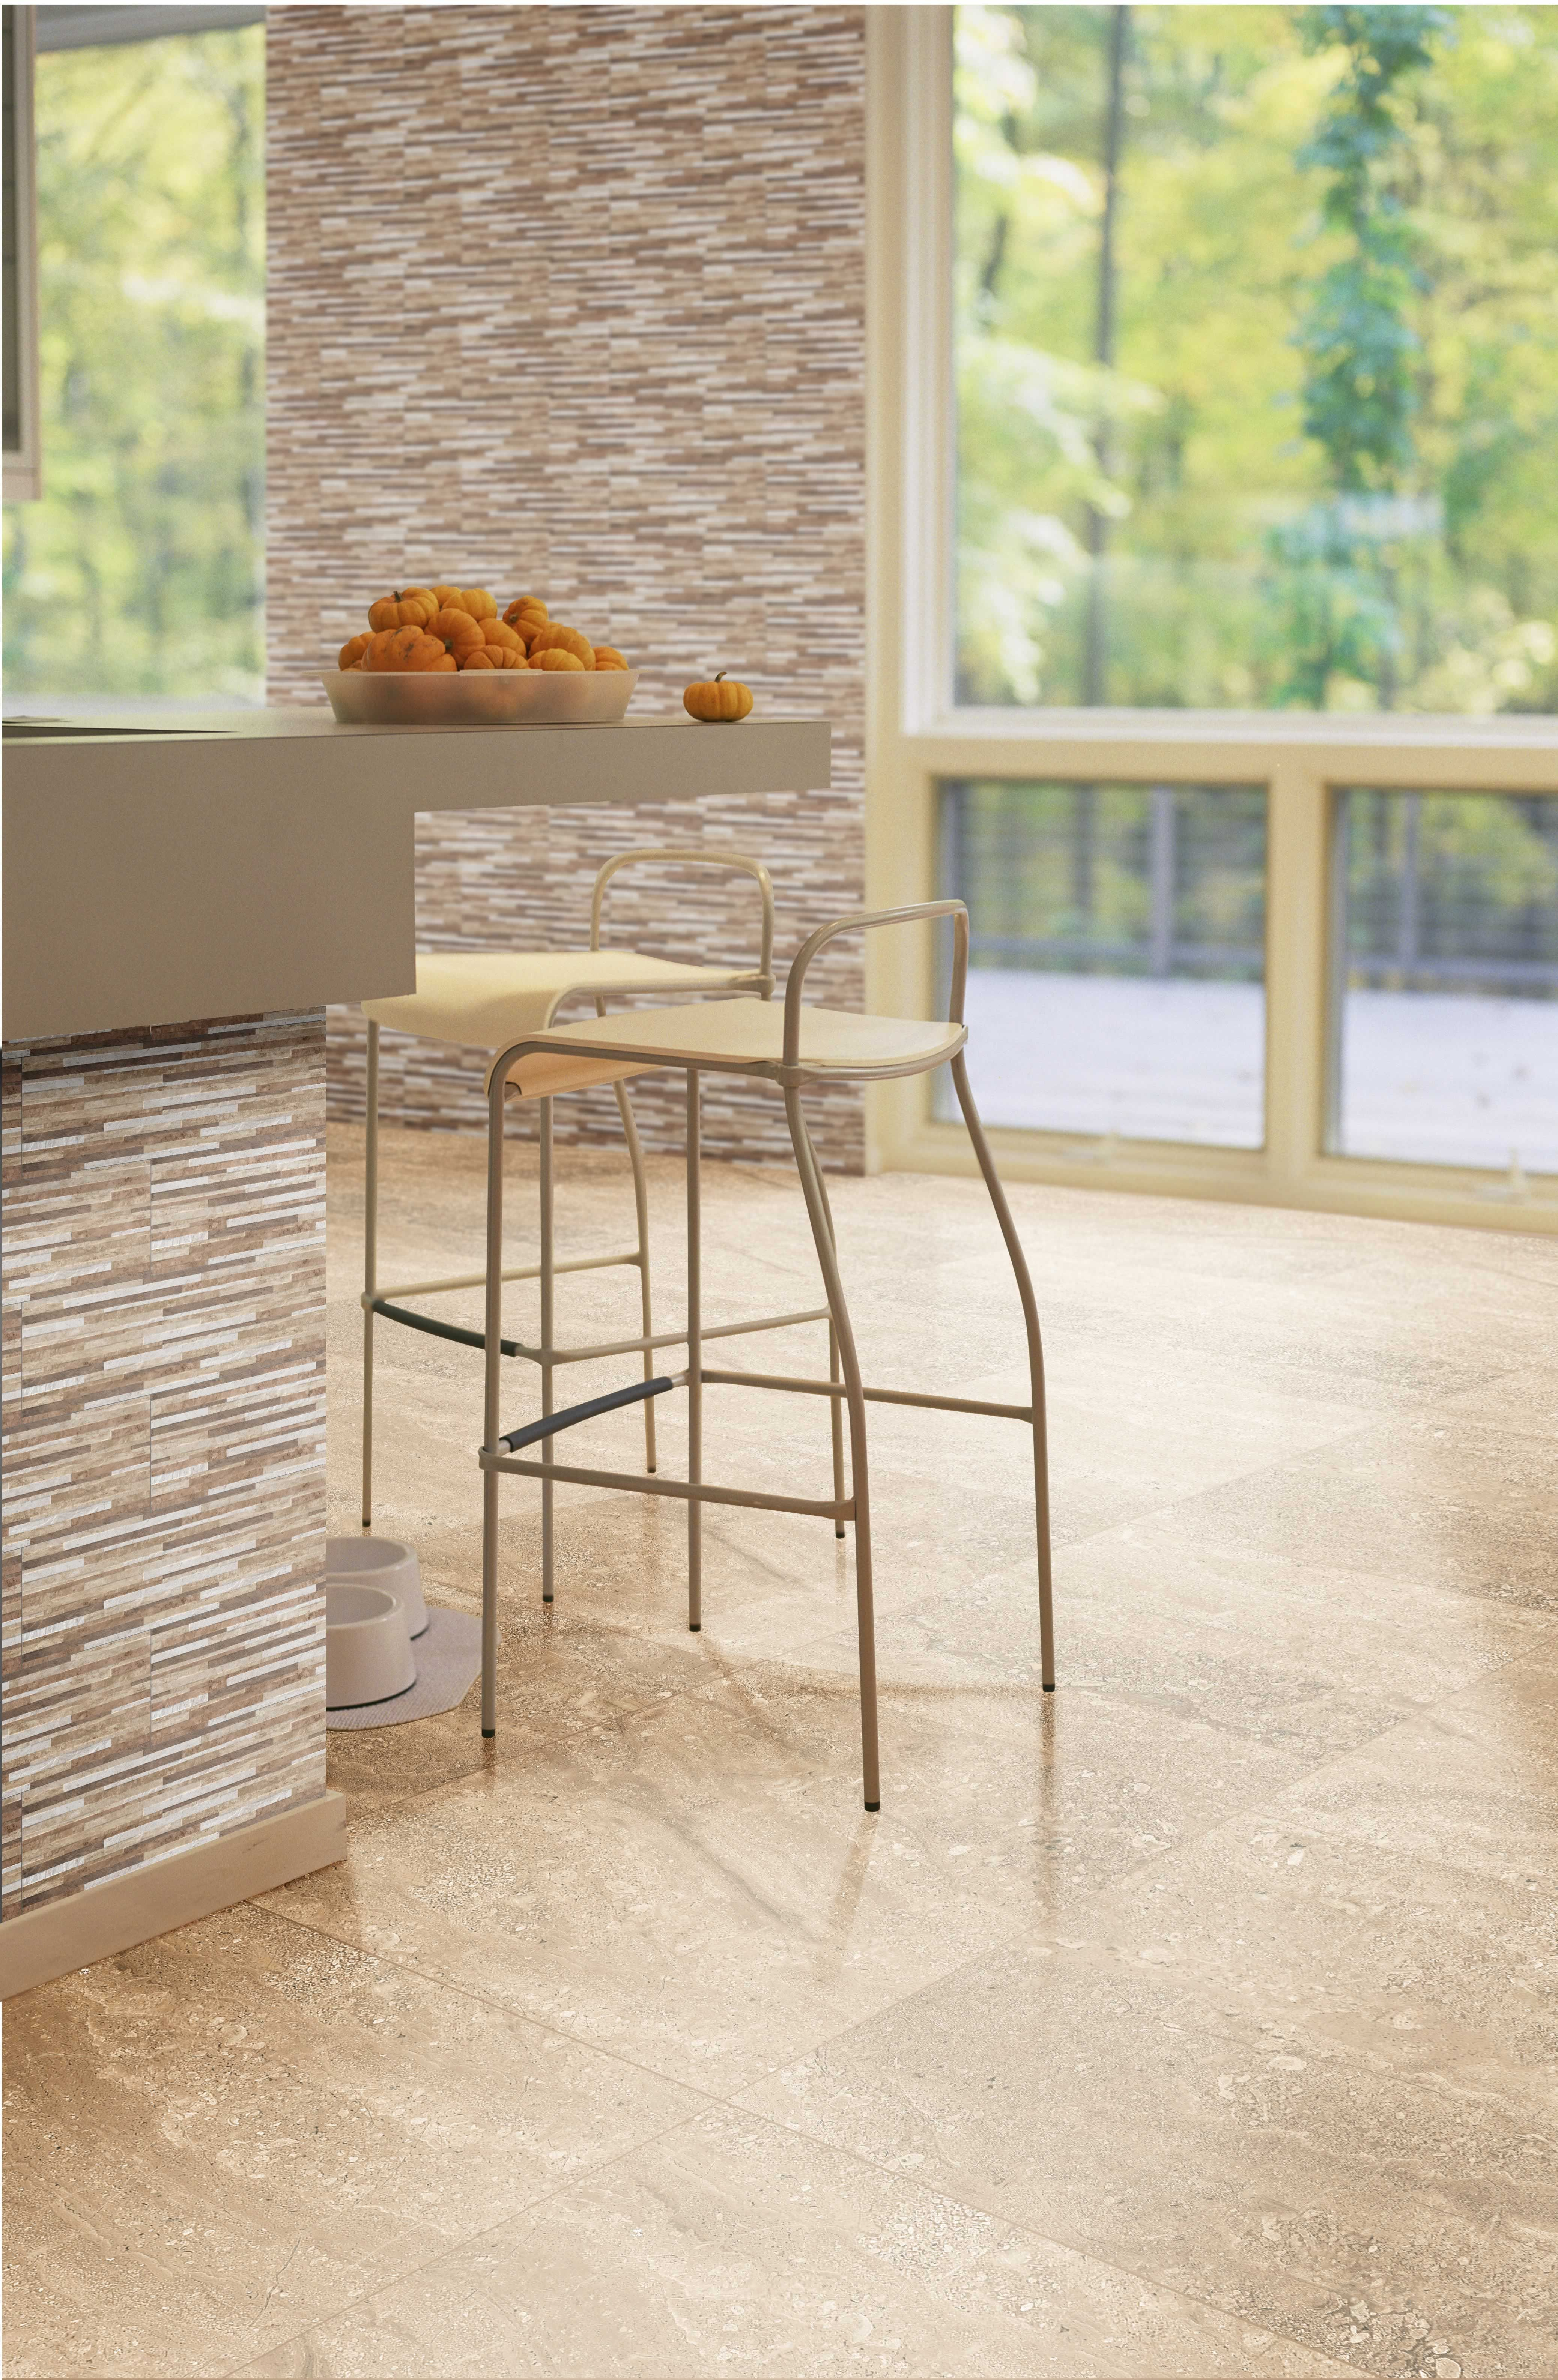 Espacios limpios frescos y modernos combiando pisos y for Pisos y paredes para banos modernos